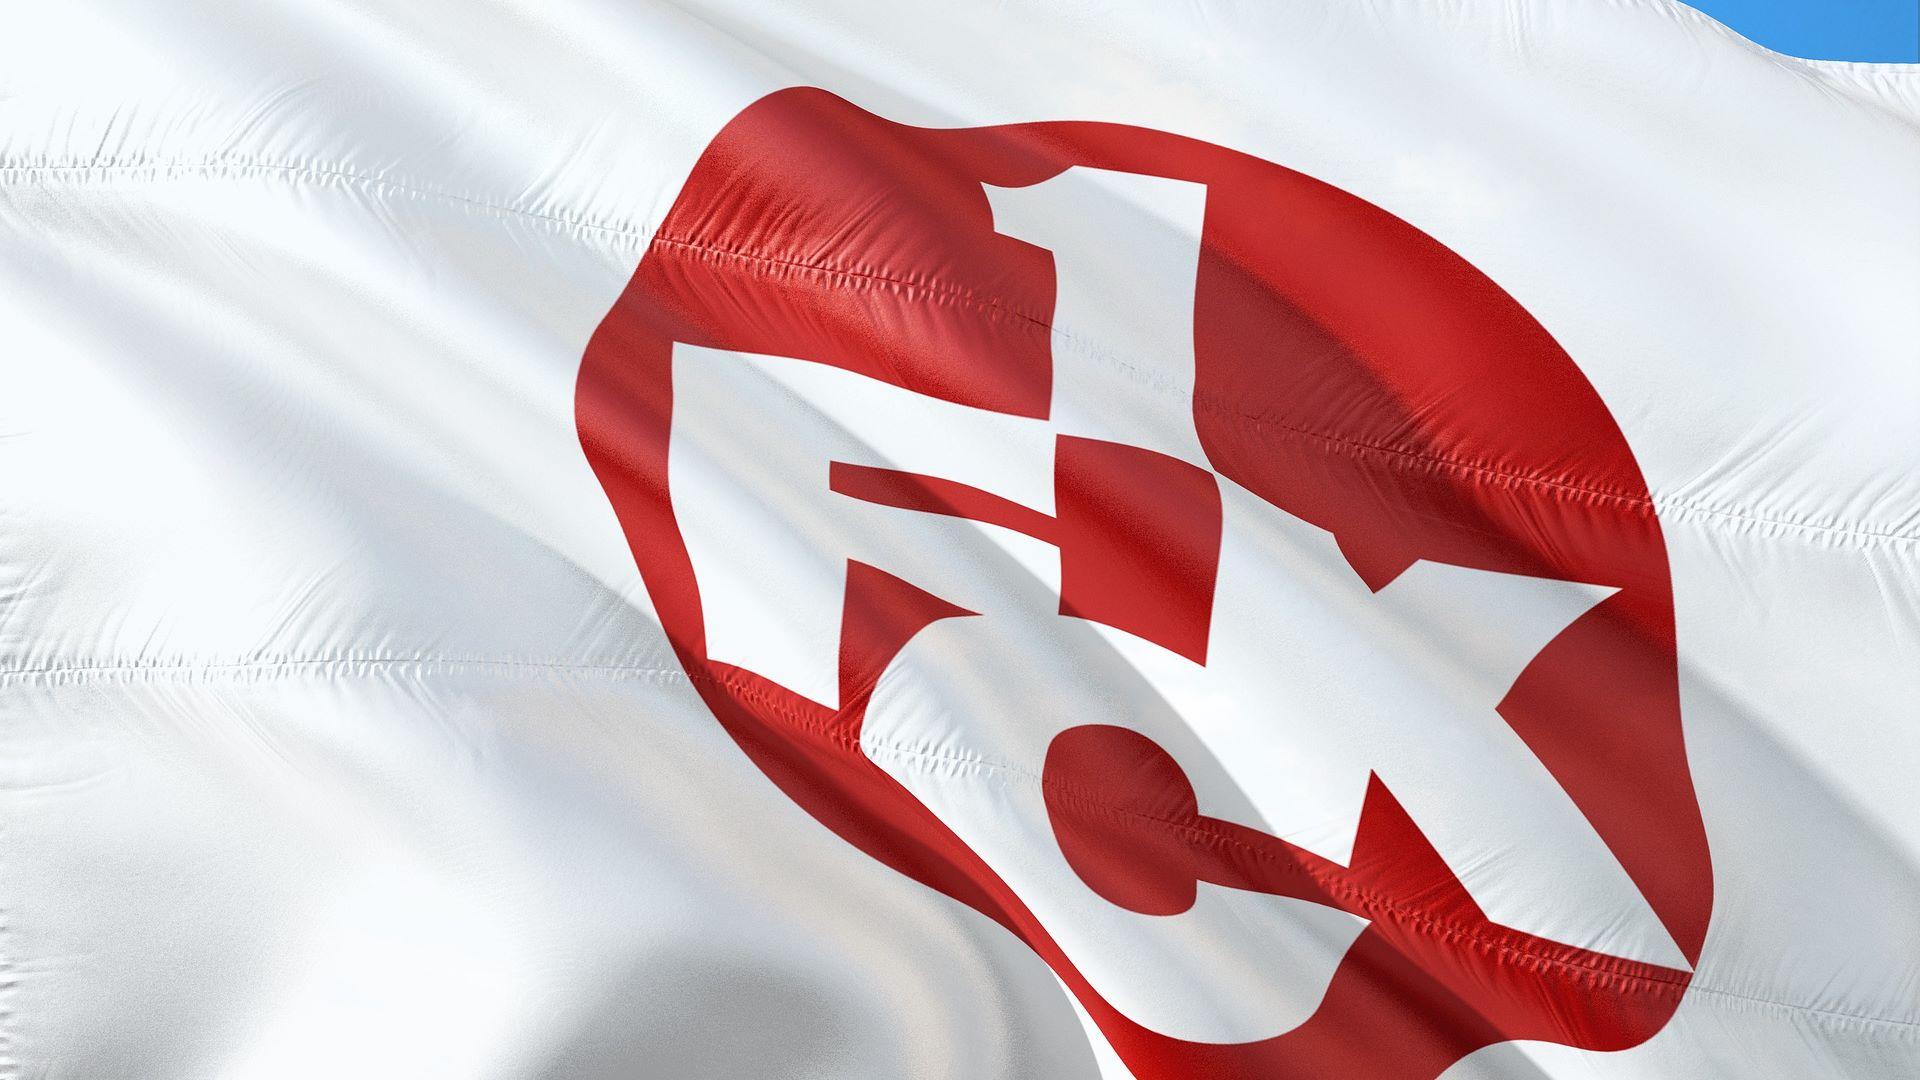 Auftaktspiel des 1. FCK: Mehrere verletzungsbedingte Ausfälle-Image